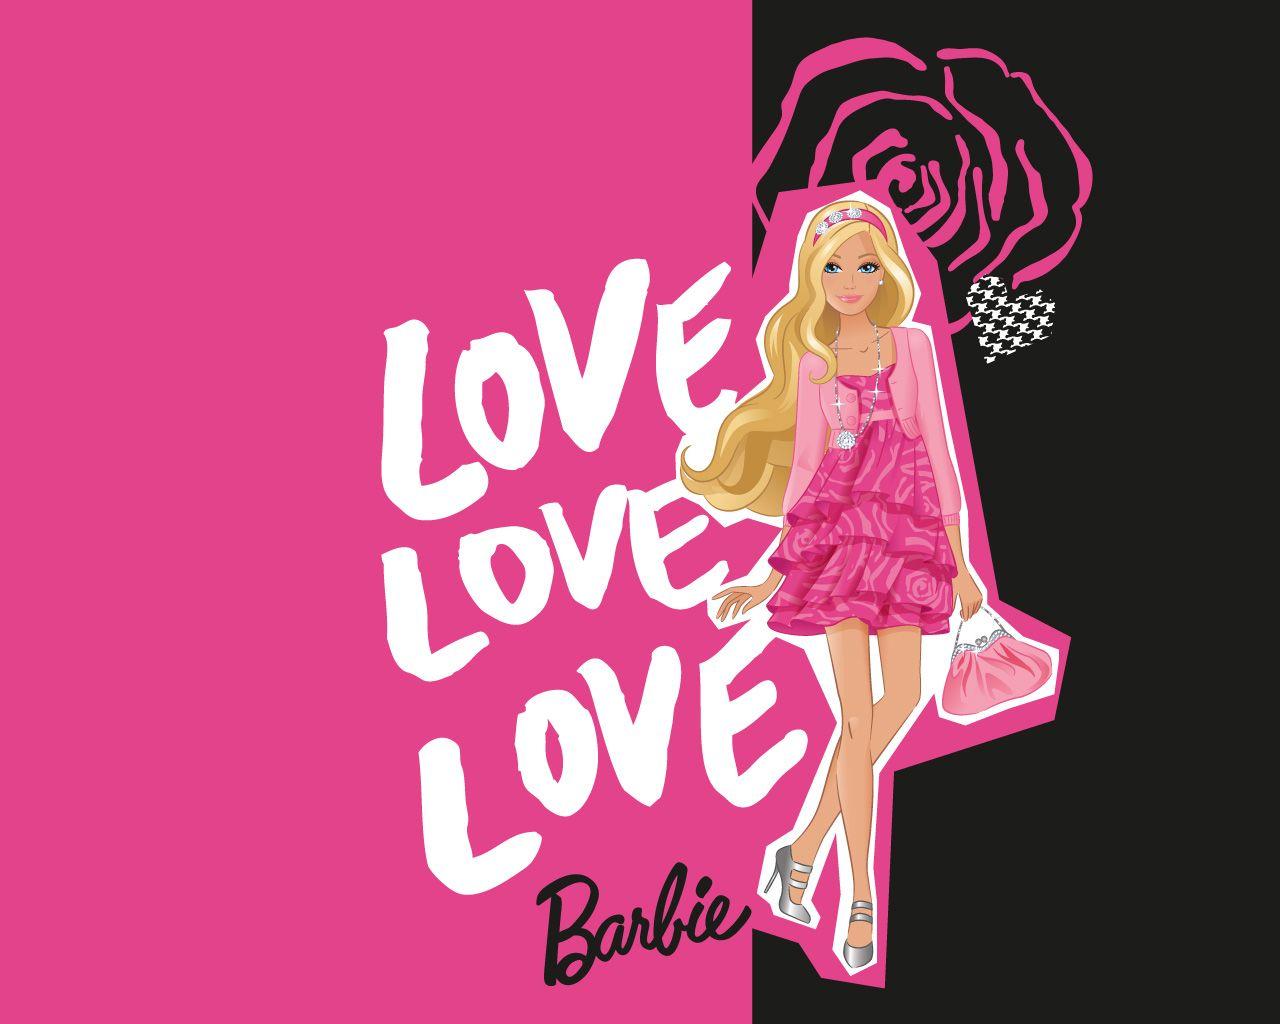 Barbie barbie barbie wallpaper 31795209 fanpop barbie barbie barbie barbie wallpaper 31795209 fanpop voltagebd Choice Image